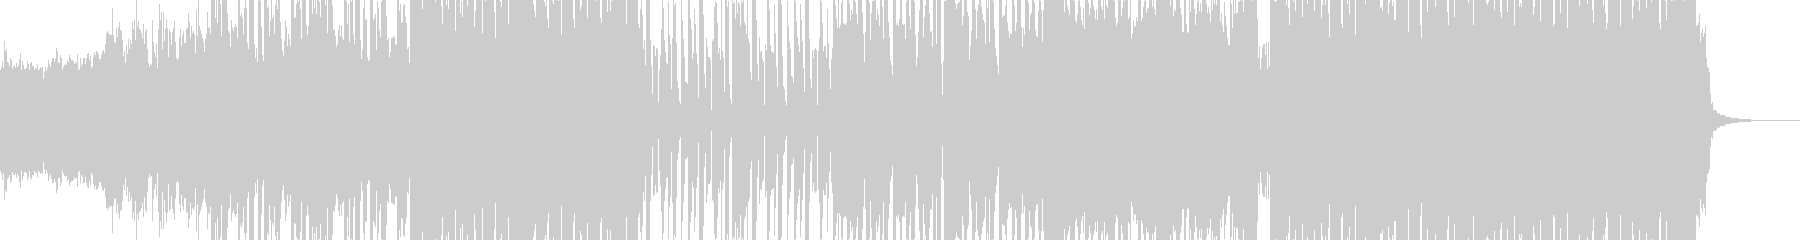 シャッフル系インダストリアルロックの未再生の波形